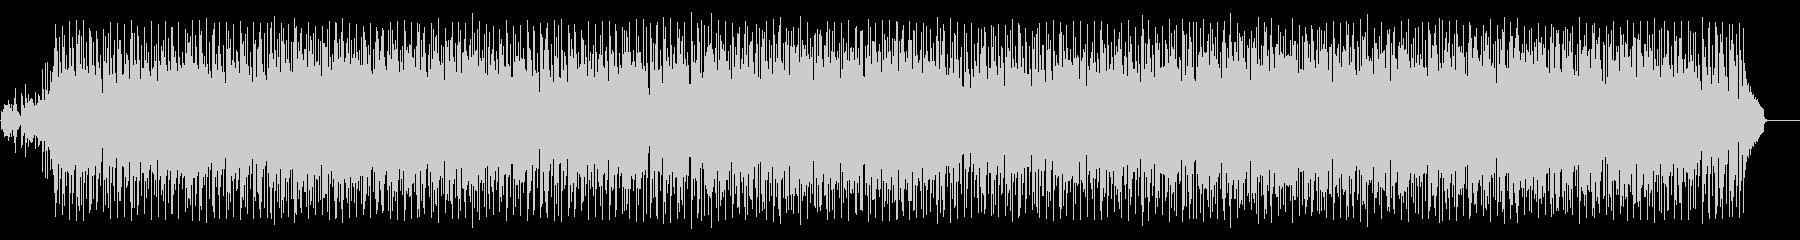 ほのぼのとしたポップ(フルサイズ)の未再生の波形